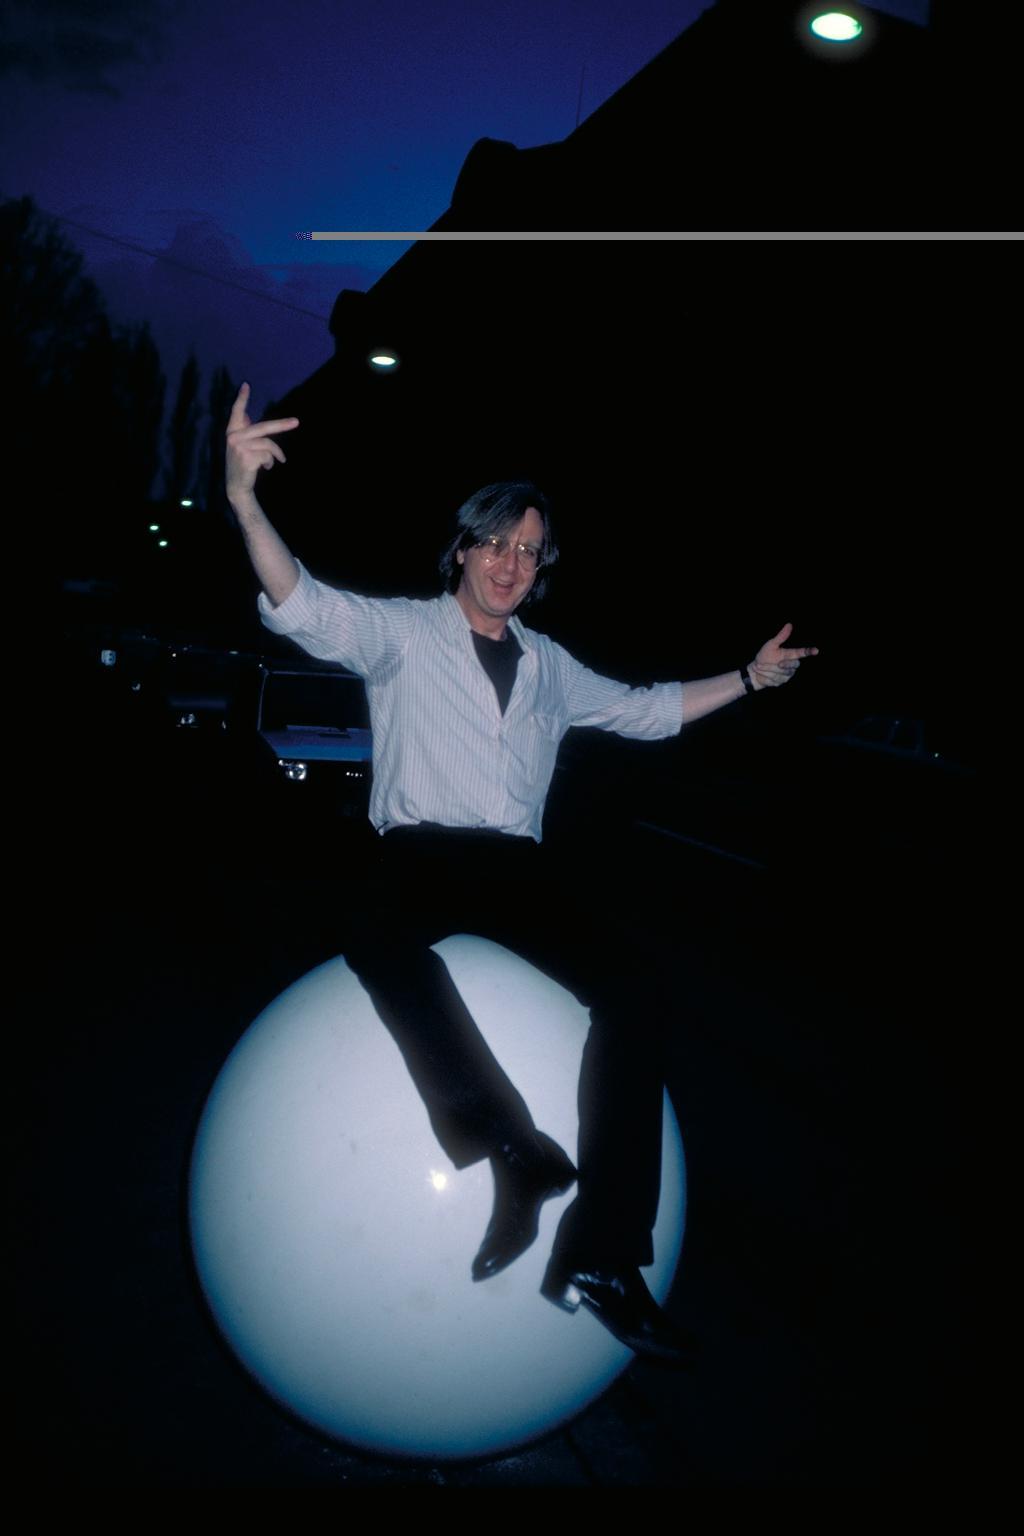 Fotografie von Gerhard Johann Lischka, auf einer großen weißen Kugel sitzend